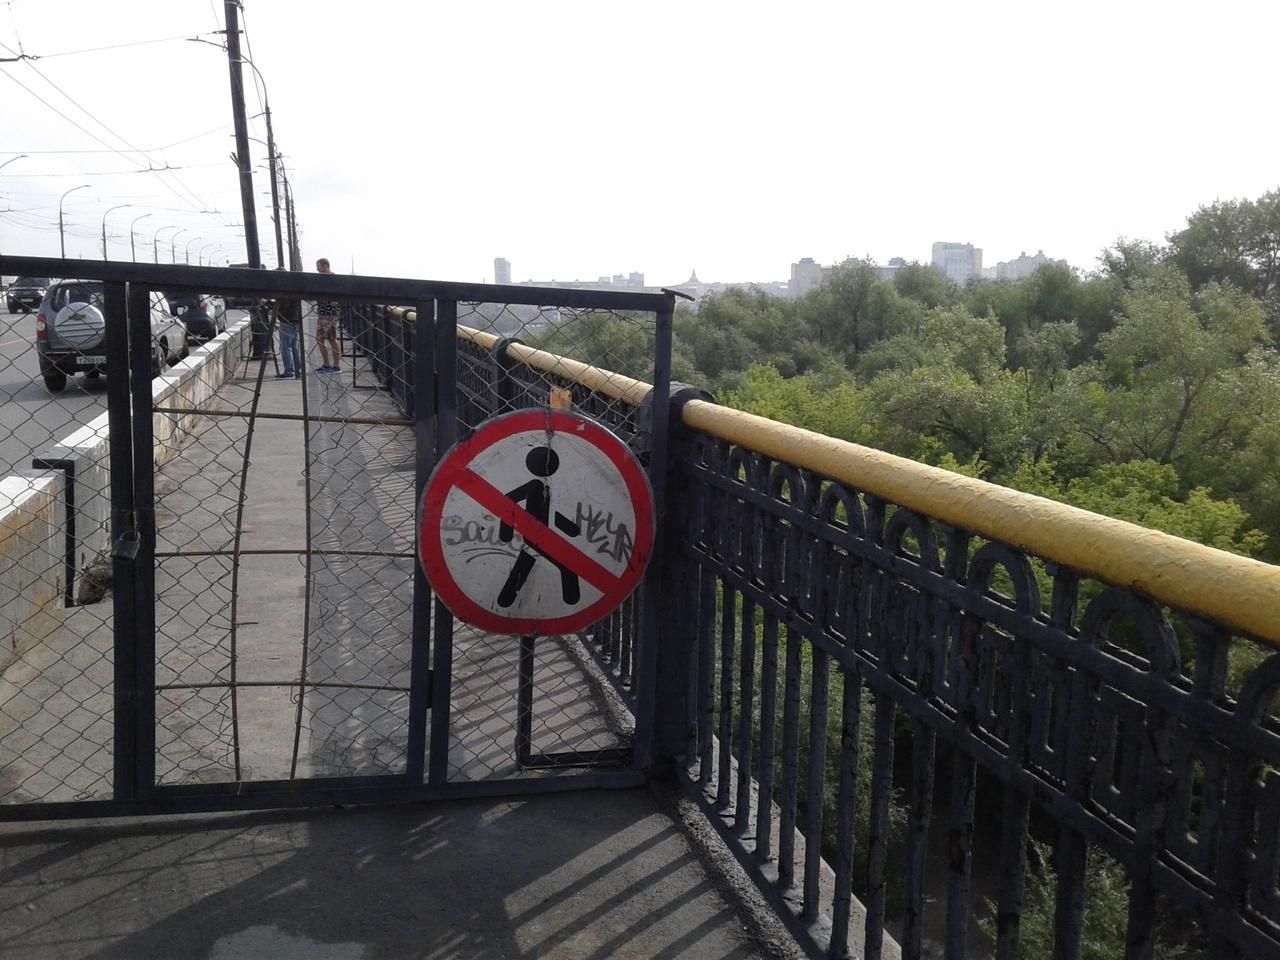 Ленинградский мост в Омске закрыли для пешеходов из-за... салютов #Новости #Общество #Омск